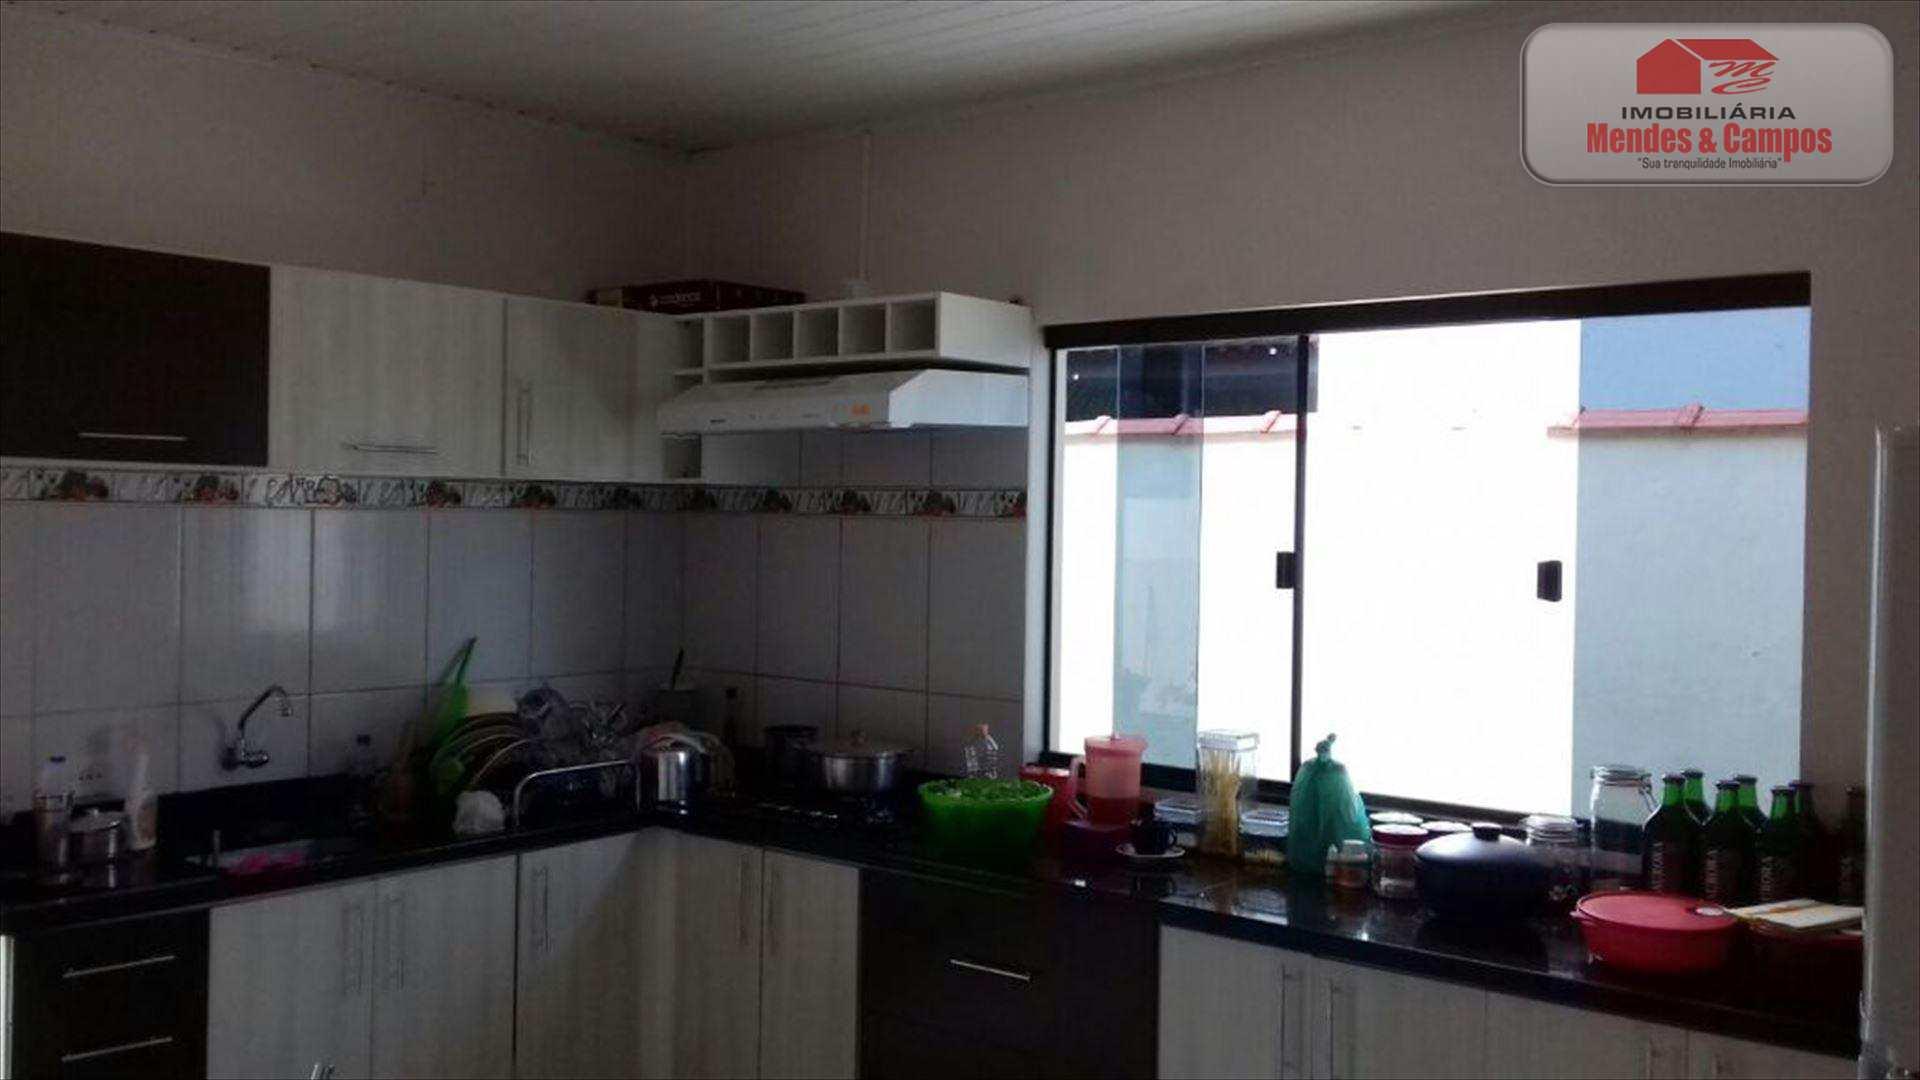 Casa com 3 dorms, Park Tropical, Ariquemes - R$ 350 mil, Cod: 39